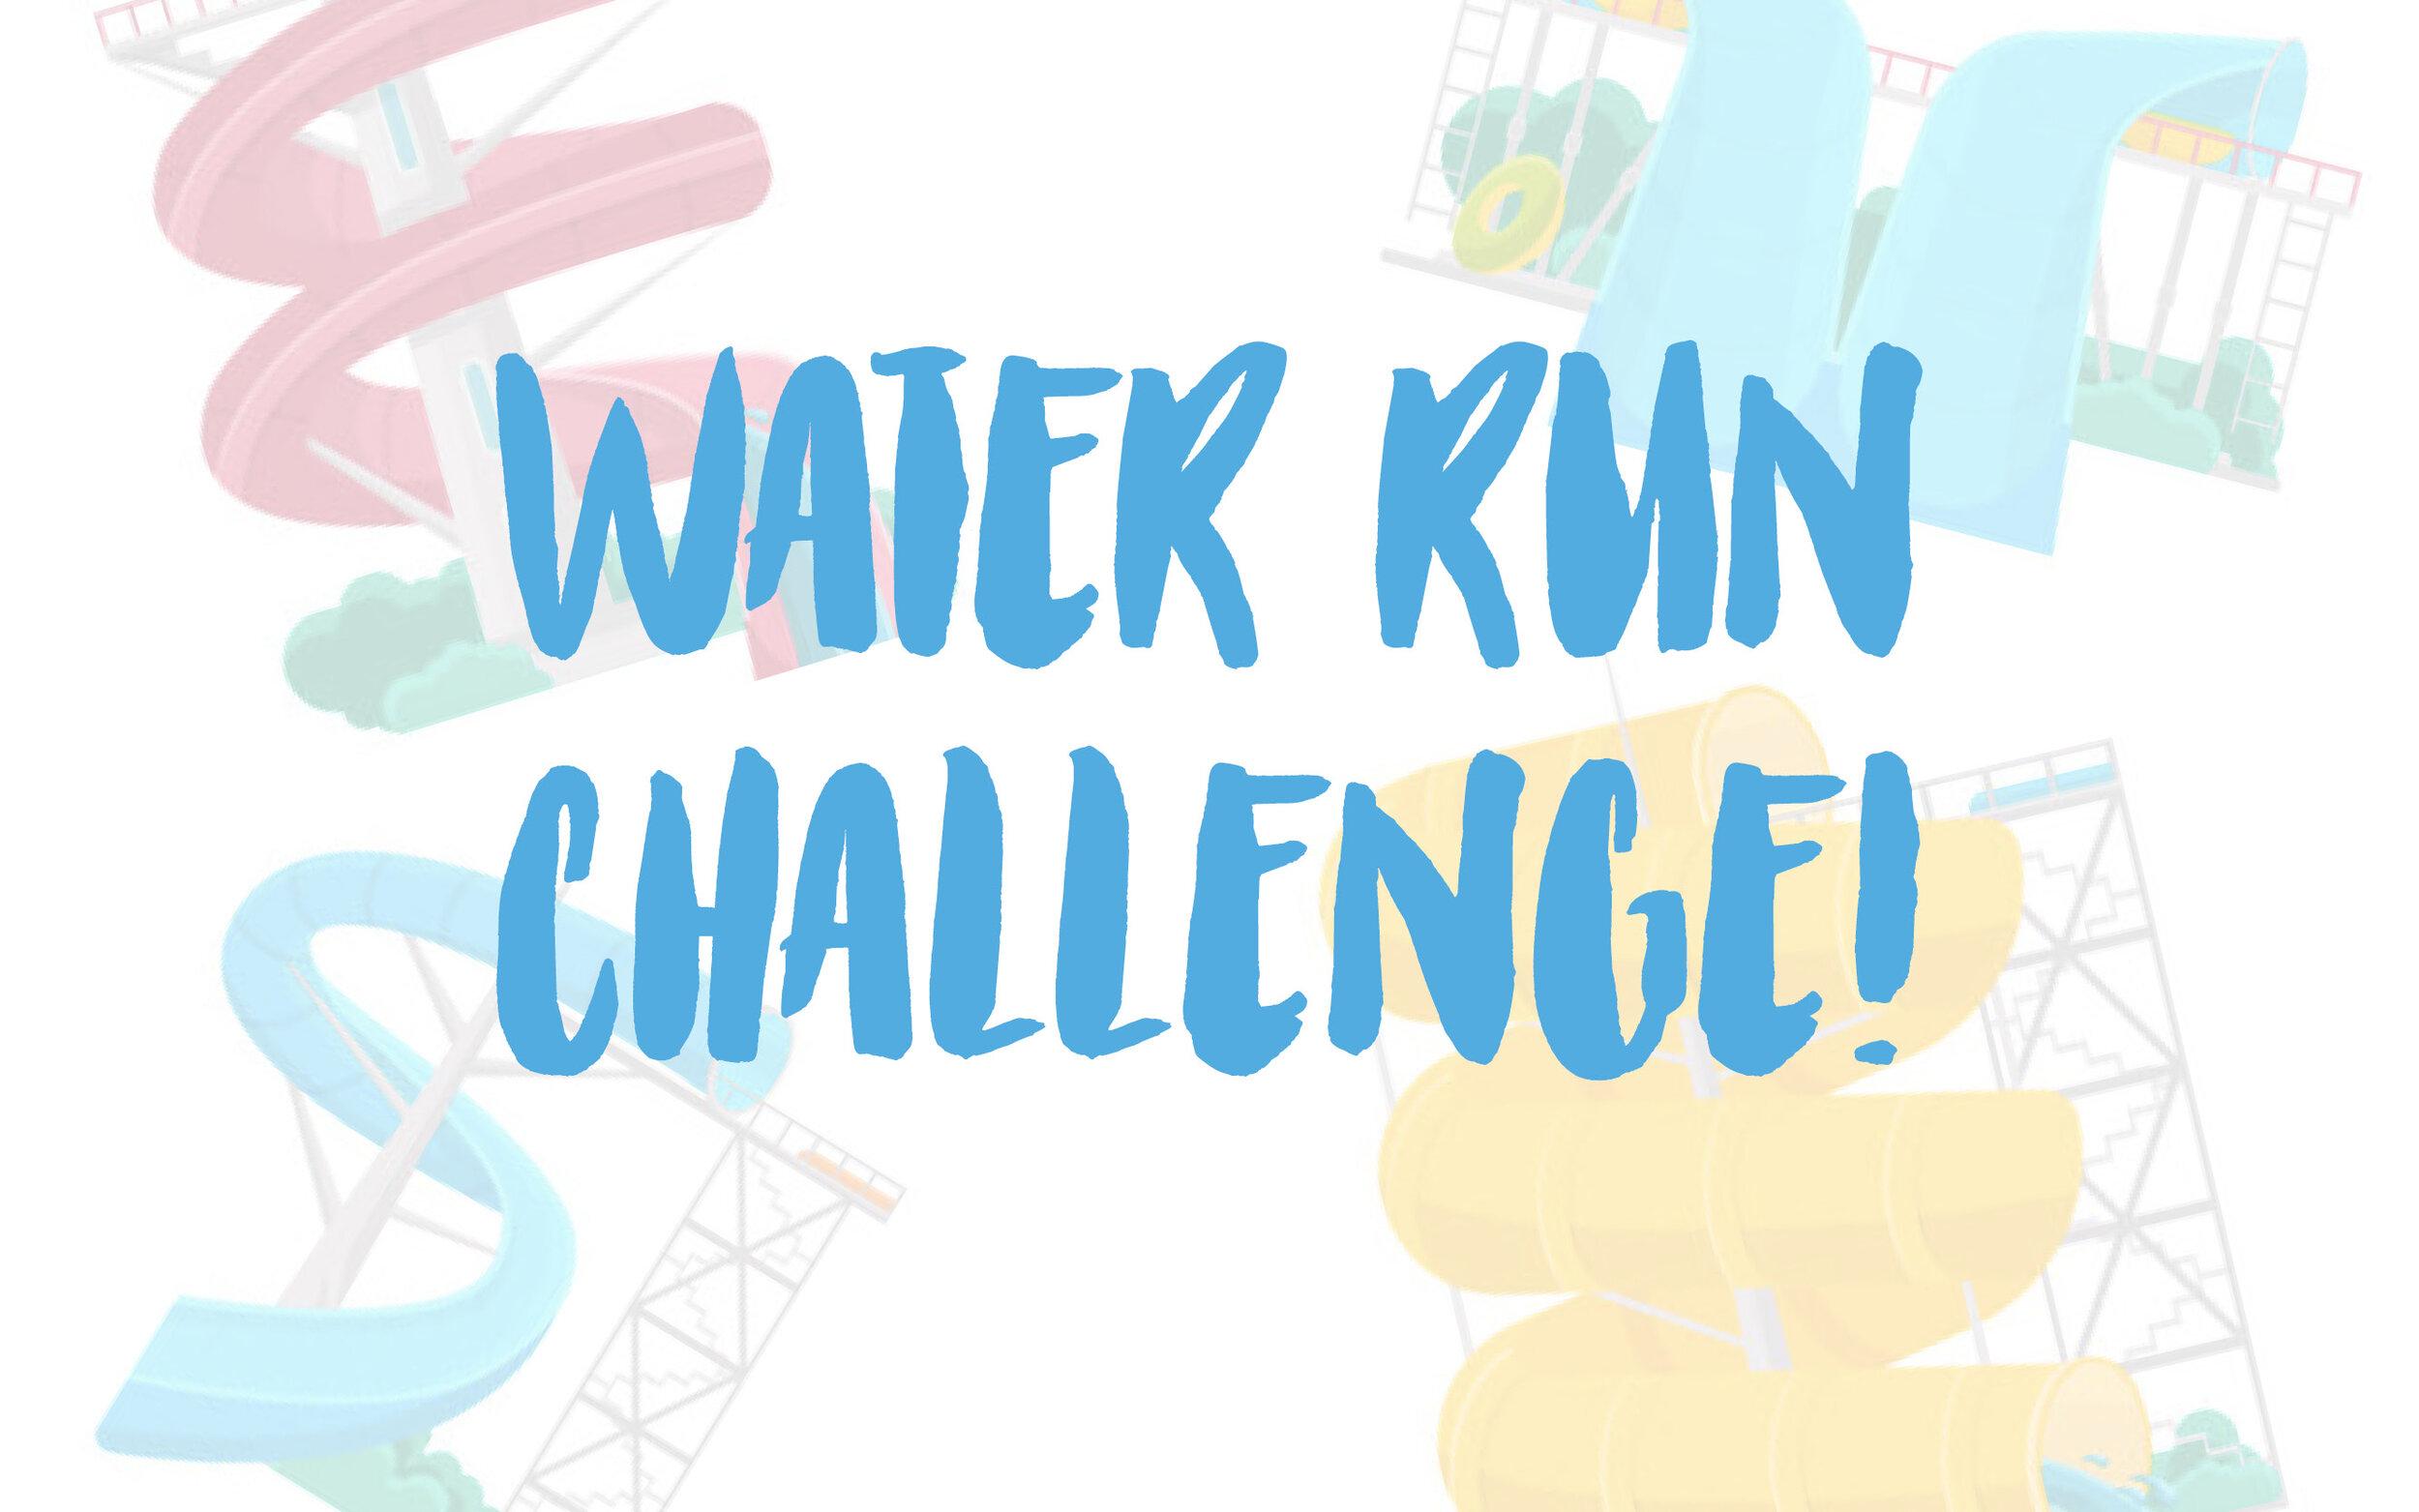 water run fb.jpg